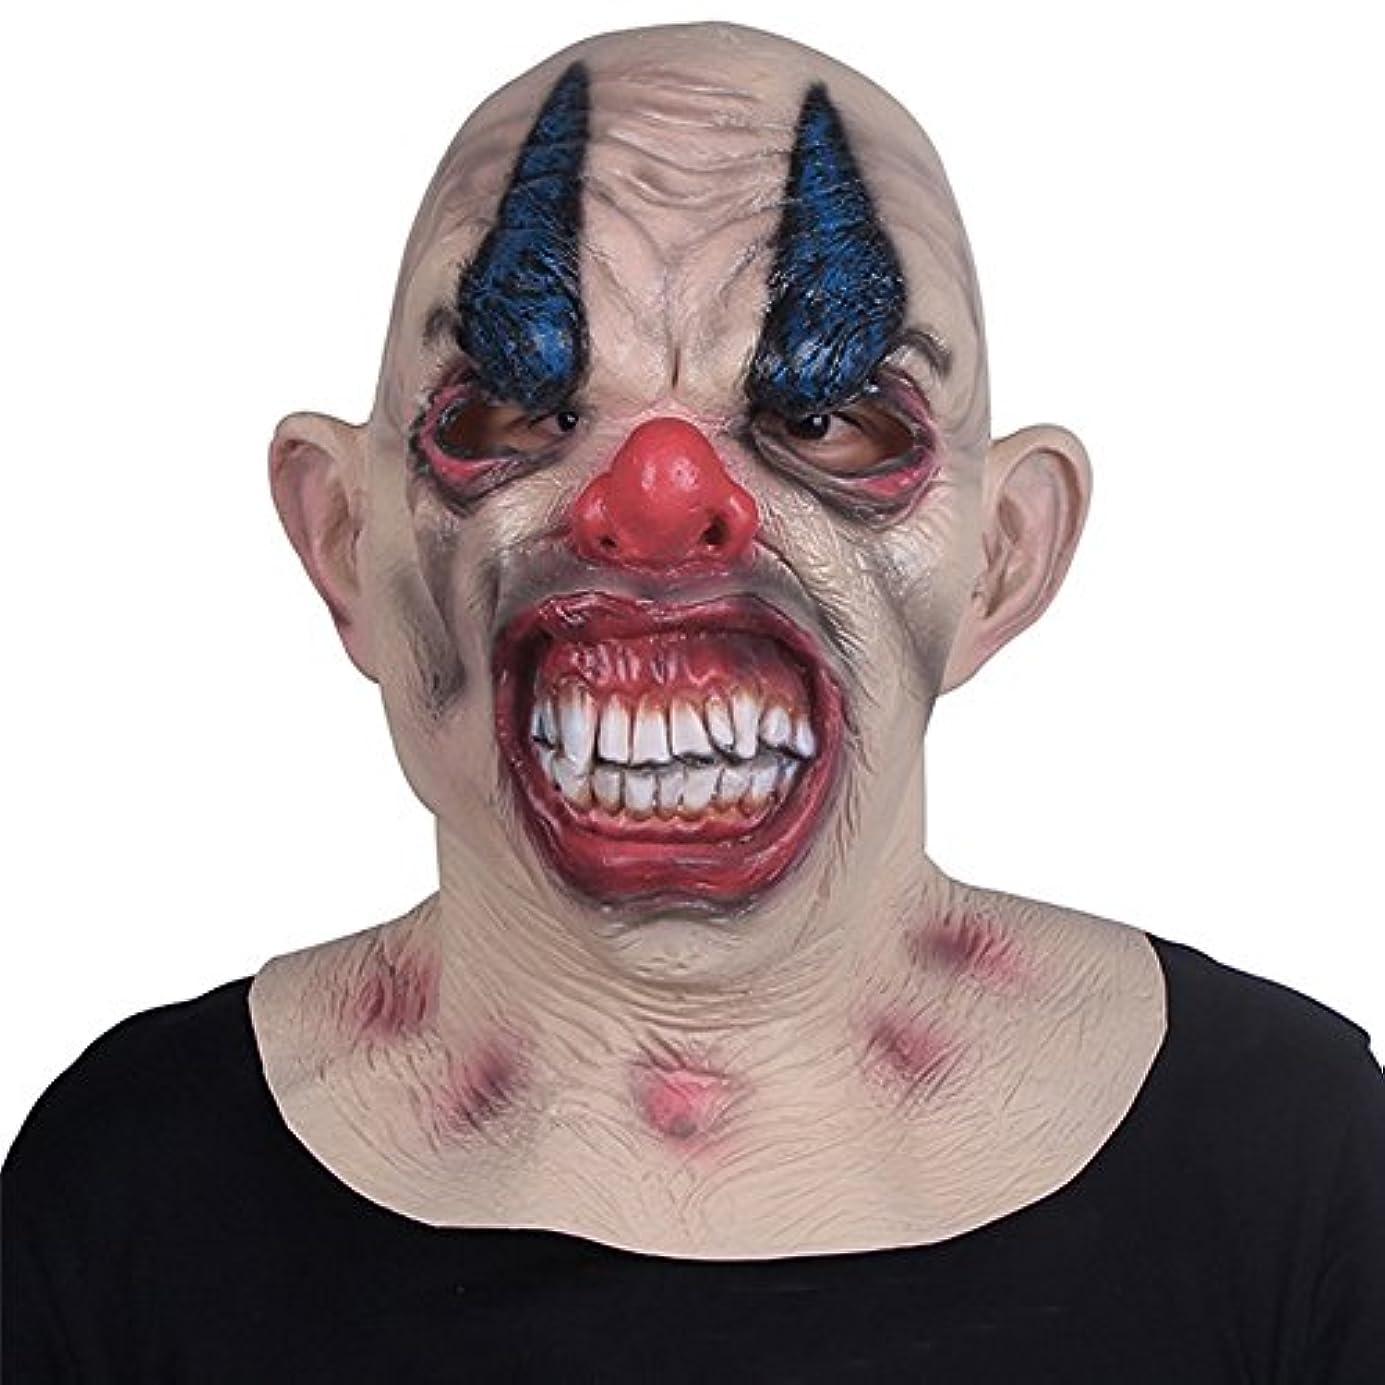 図等不良ホラーマスク成人男性フルフェイス怖いラテックスヘッドセットハロウィン東京グールマスクゴーストフェイスデビル